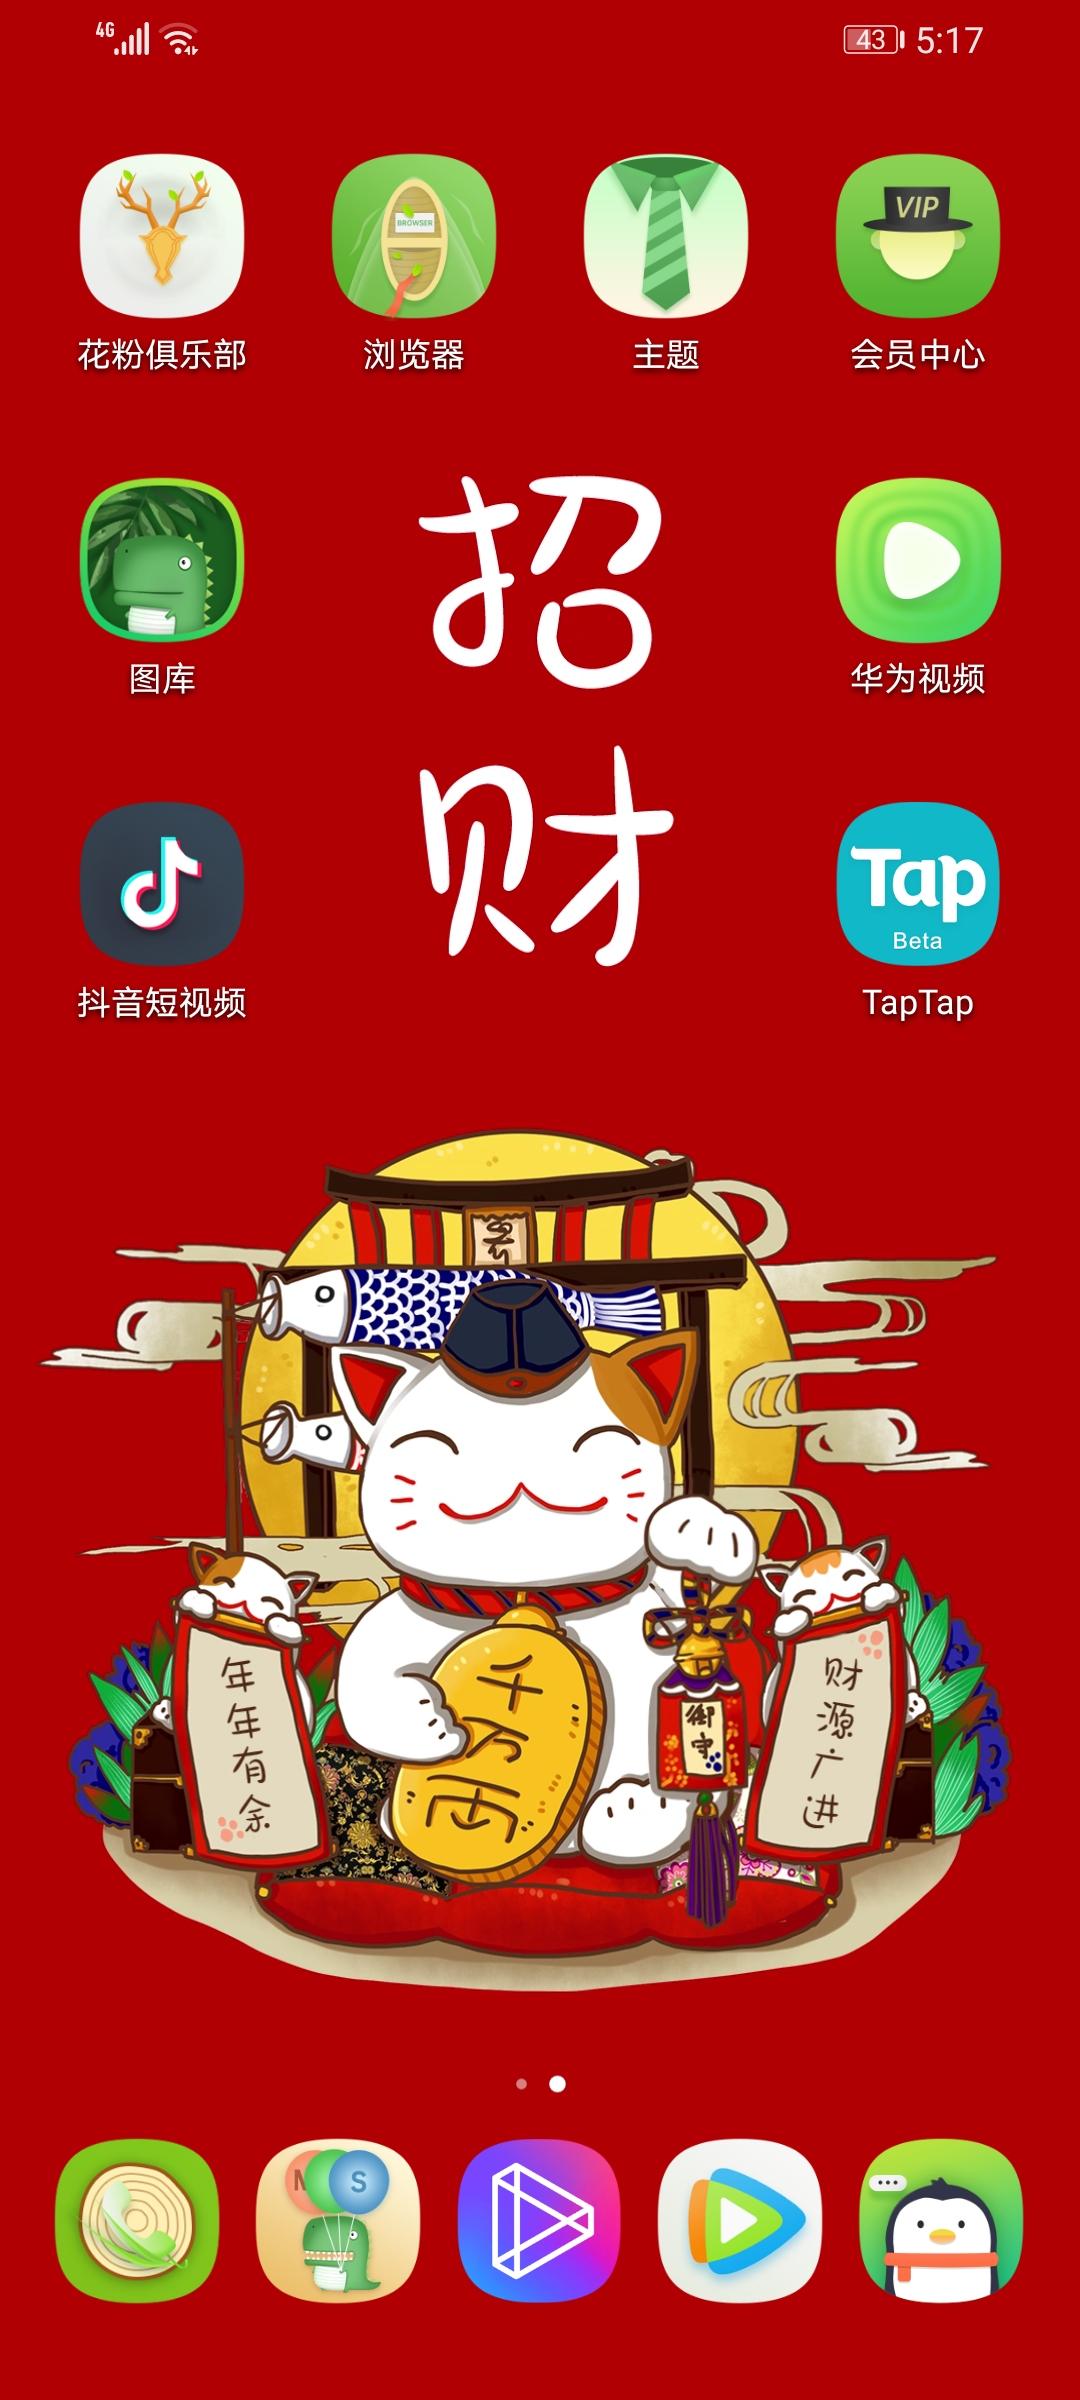 Screenshot_20200515_171749_com.huawei.android.launcher.jpg